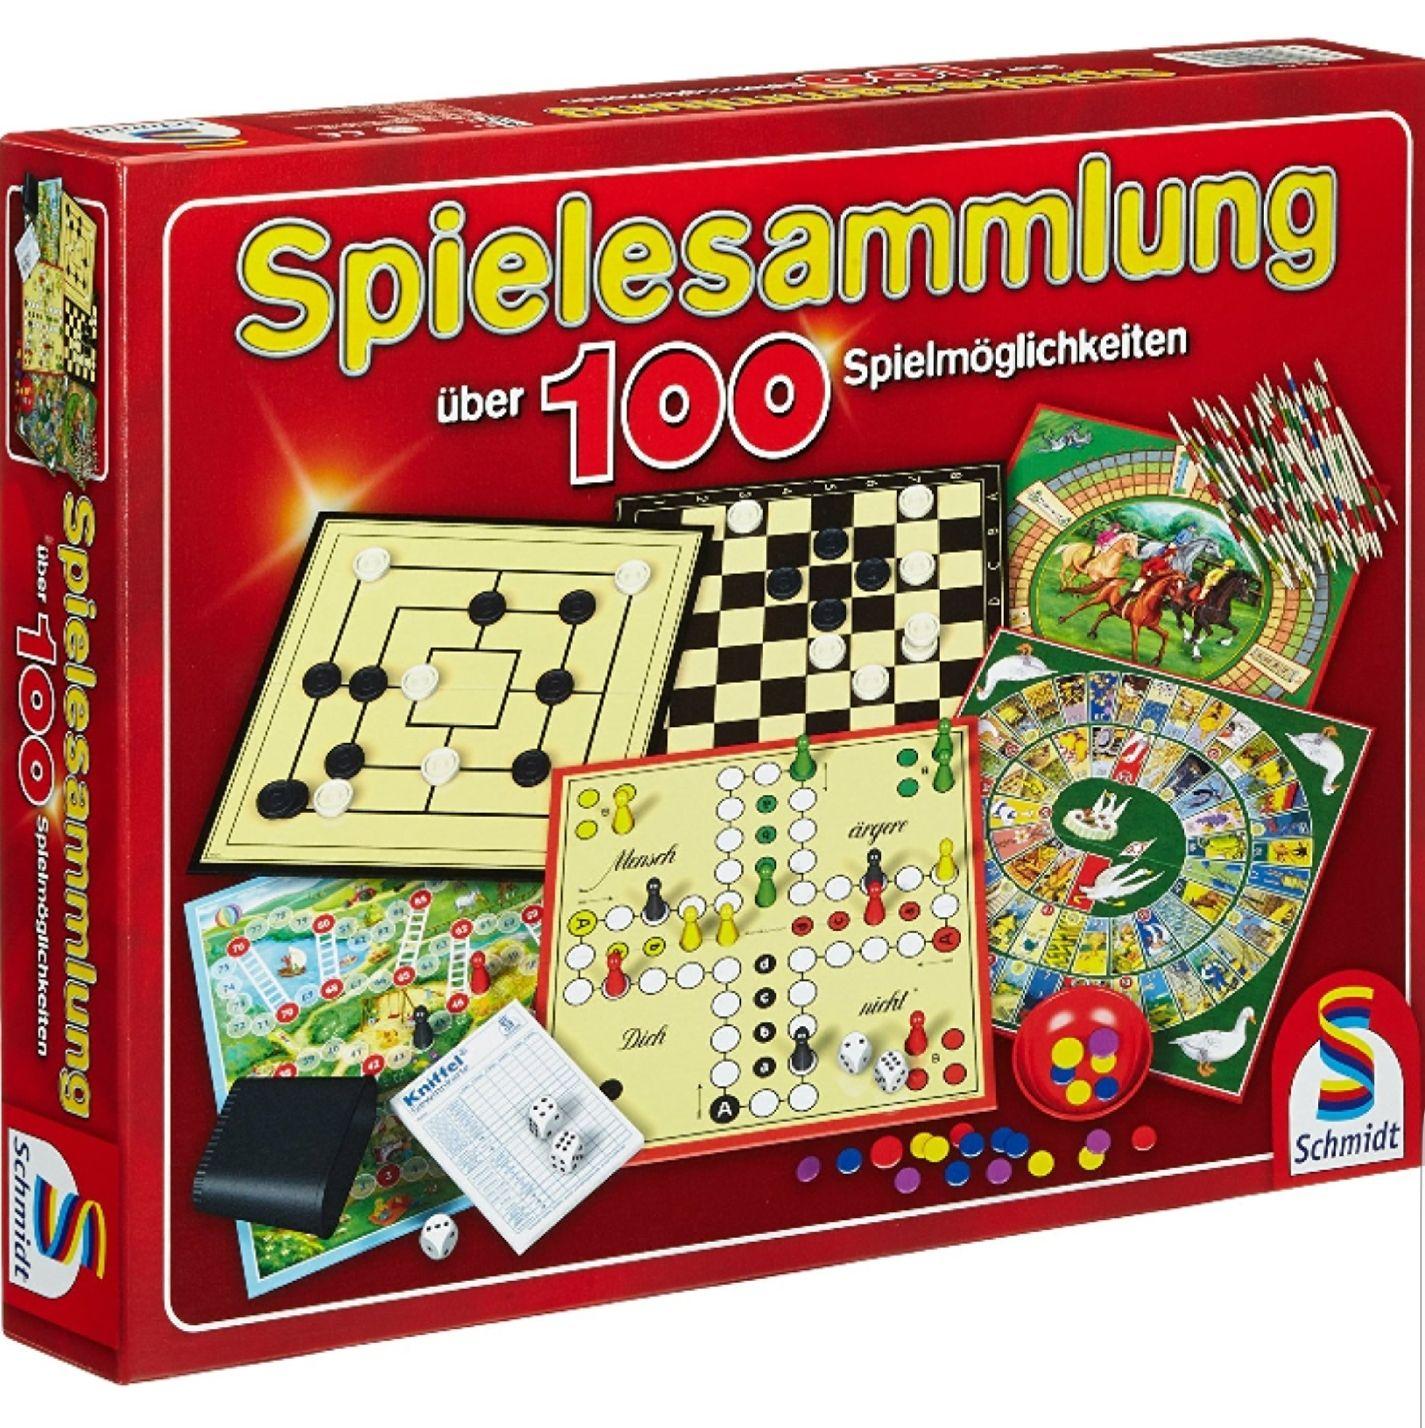 Schmidt Spielesammlung (prime)